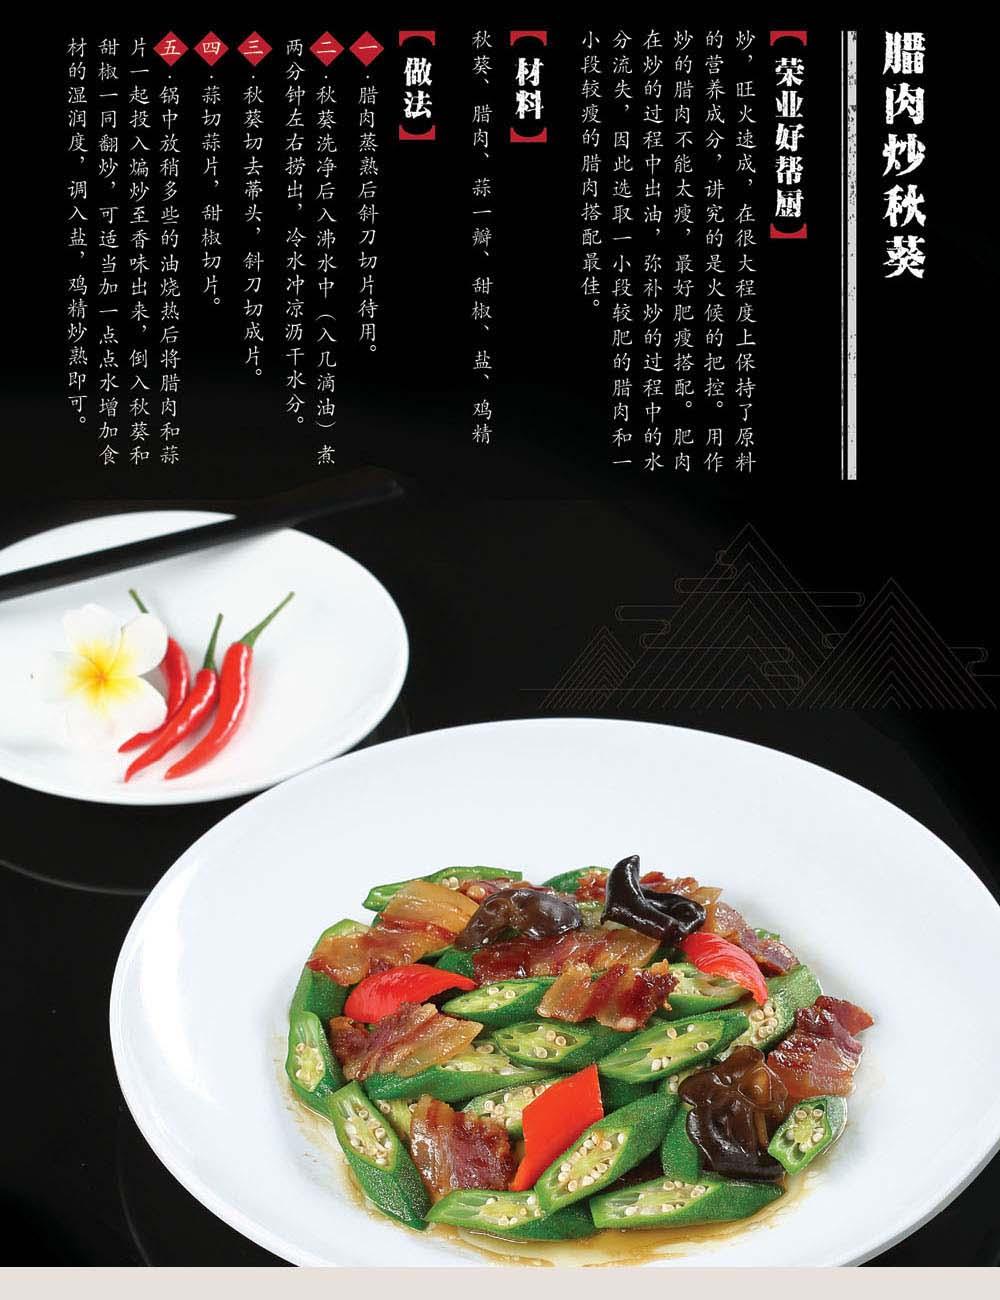 06腊肉炒秋葵